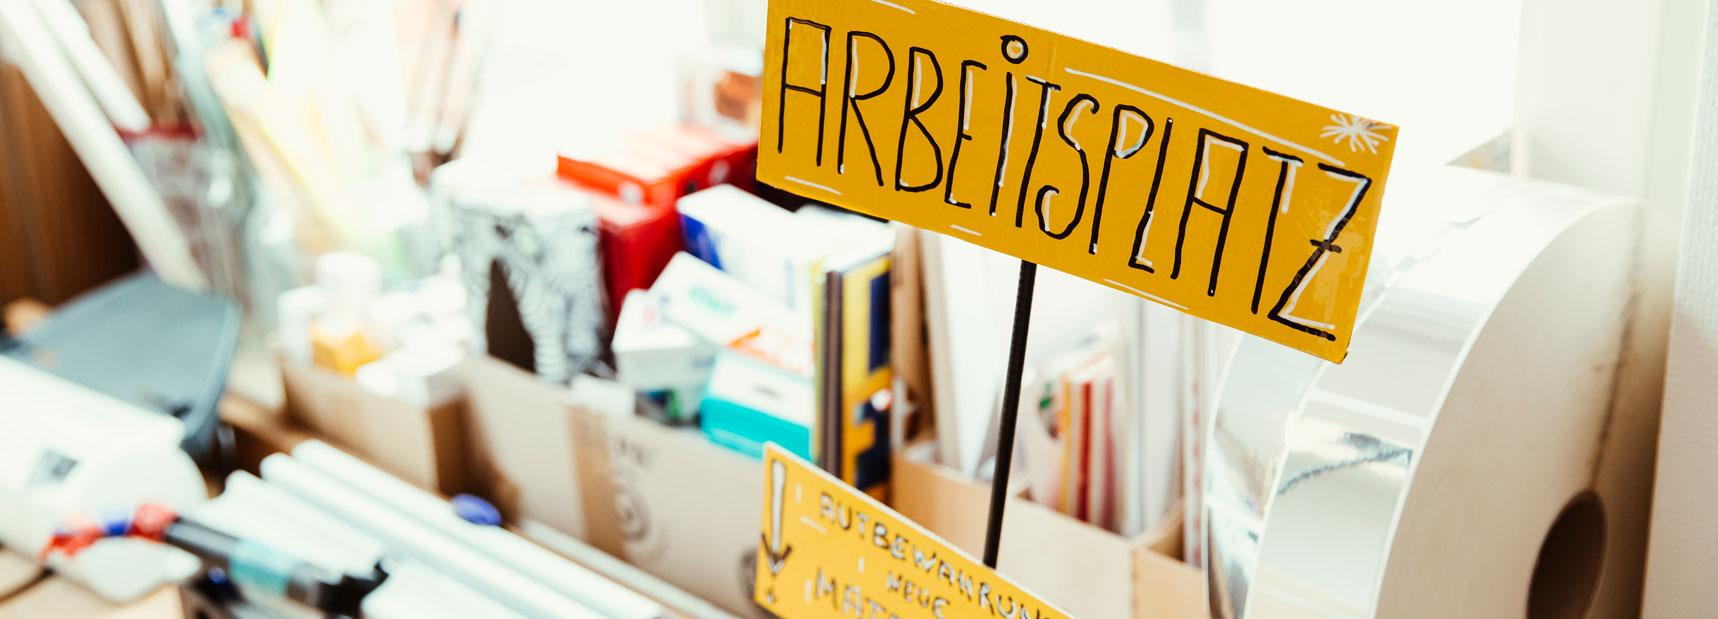 Hir sieht man einen Schreibtisch mit einem gelben Schild drauf. Darauf steht: Arbeitsplatz.